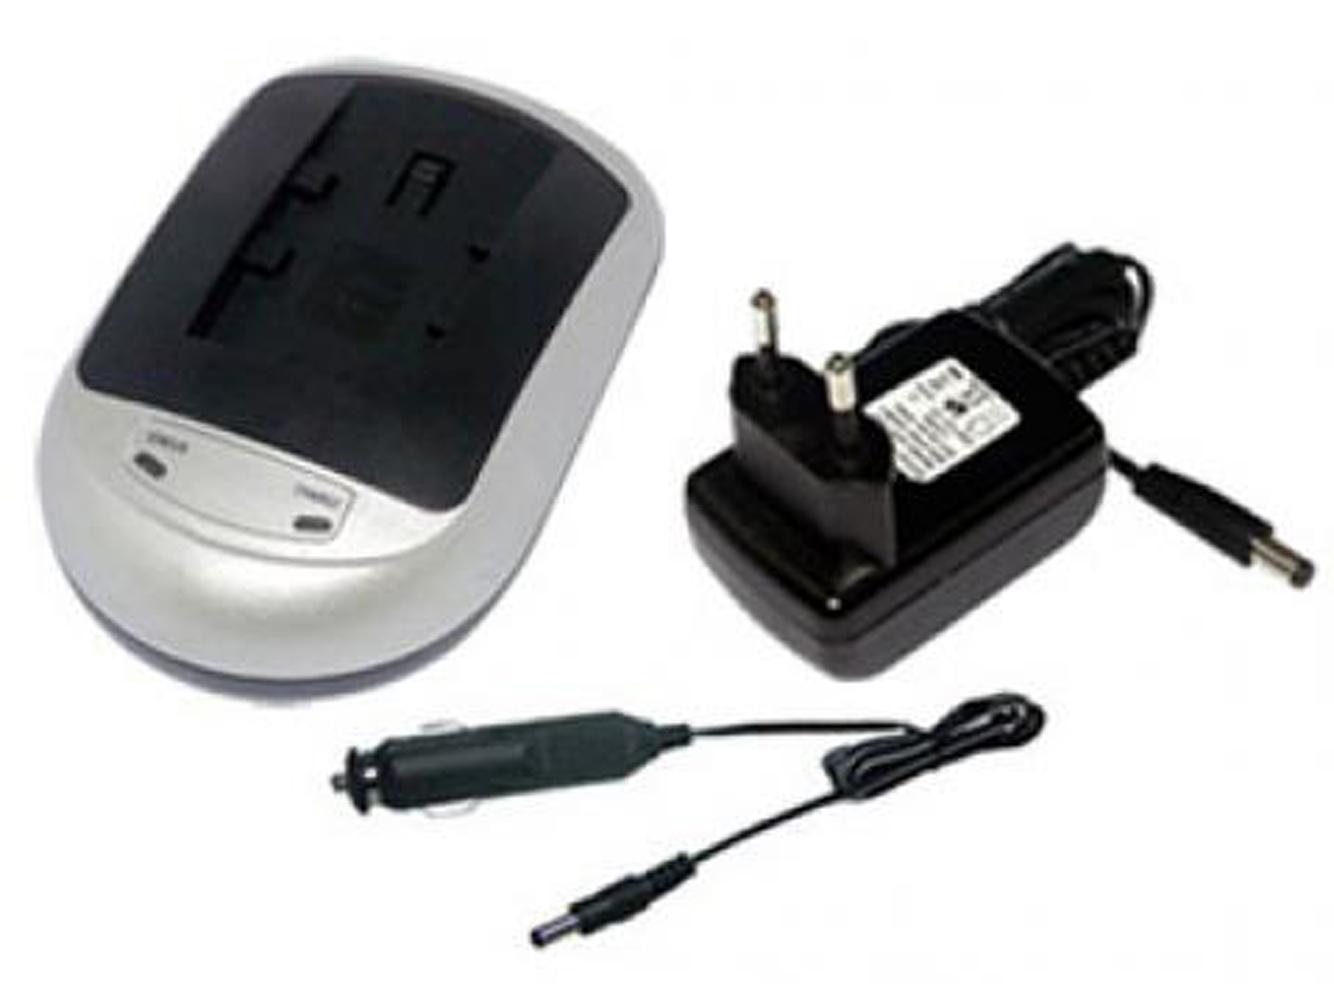 Battery Charger for PANASONIC VW-VBK180, VW-VBK180GK, VW-VBK360, VW-VBK360GK, VW-VBL090, VW-VBL090GK, VW-VBL090PPK, VW-VBL360